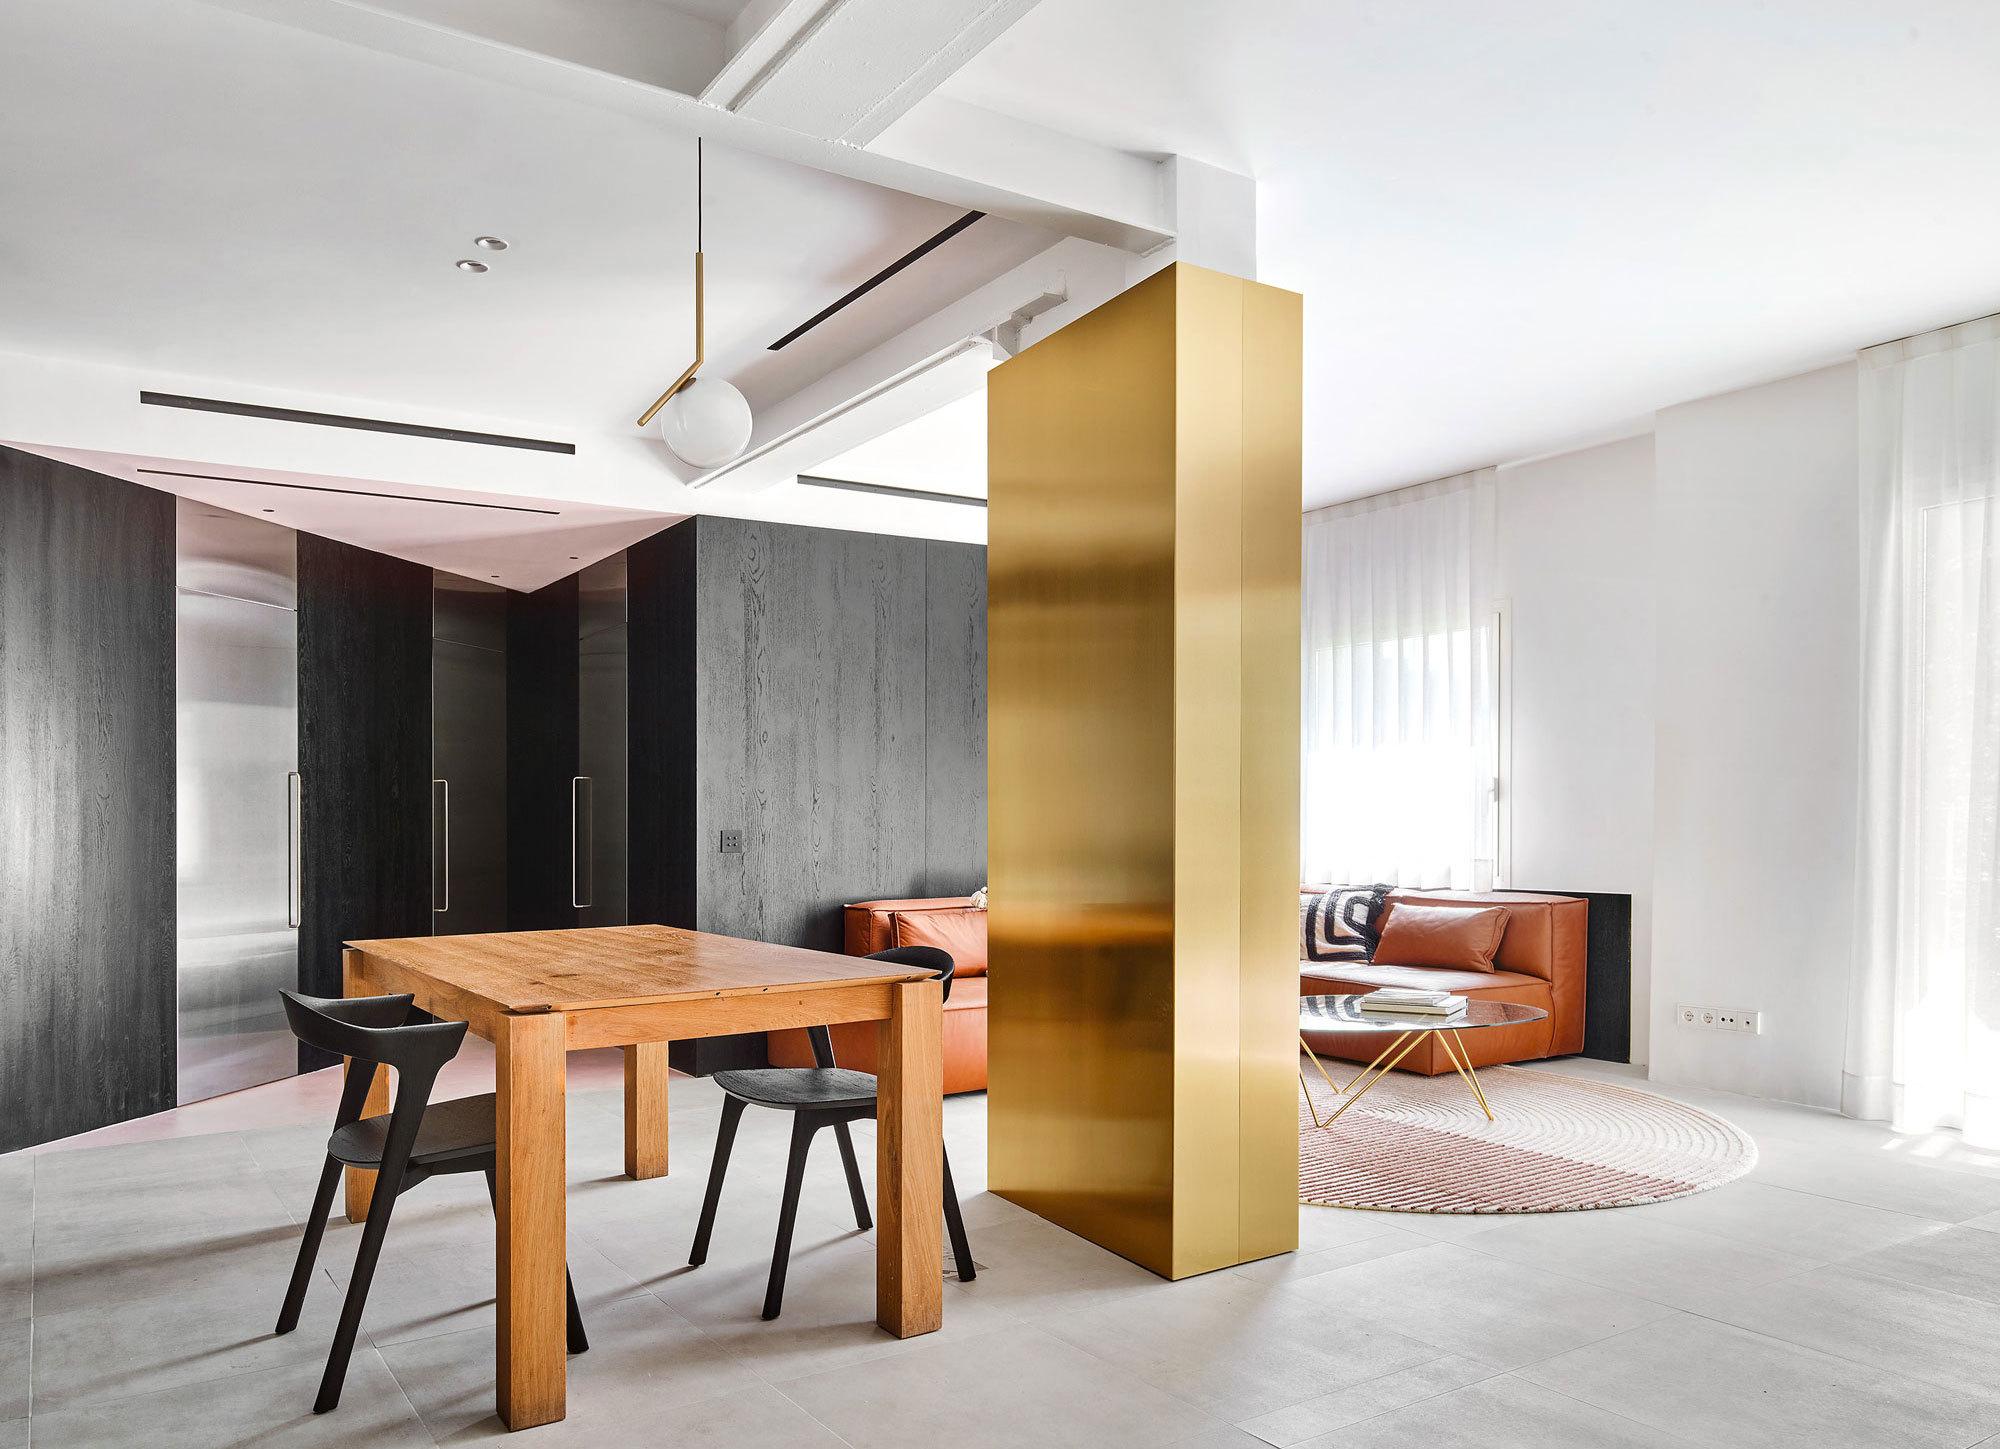 Aus alt mach neu: Der katalanische Architekt Raúl Sánchez hat seine alte 95-Quadratmeter-Wohnung einer radikalen Verwandlung unterzogen.